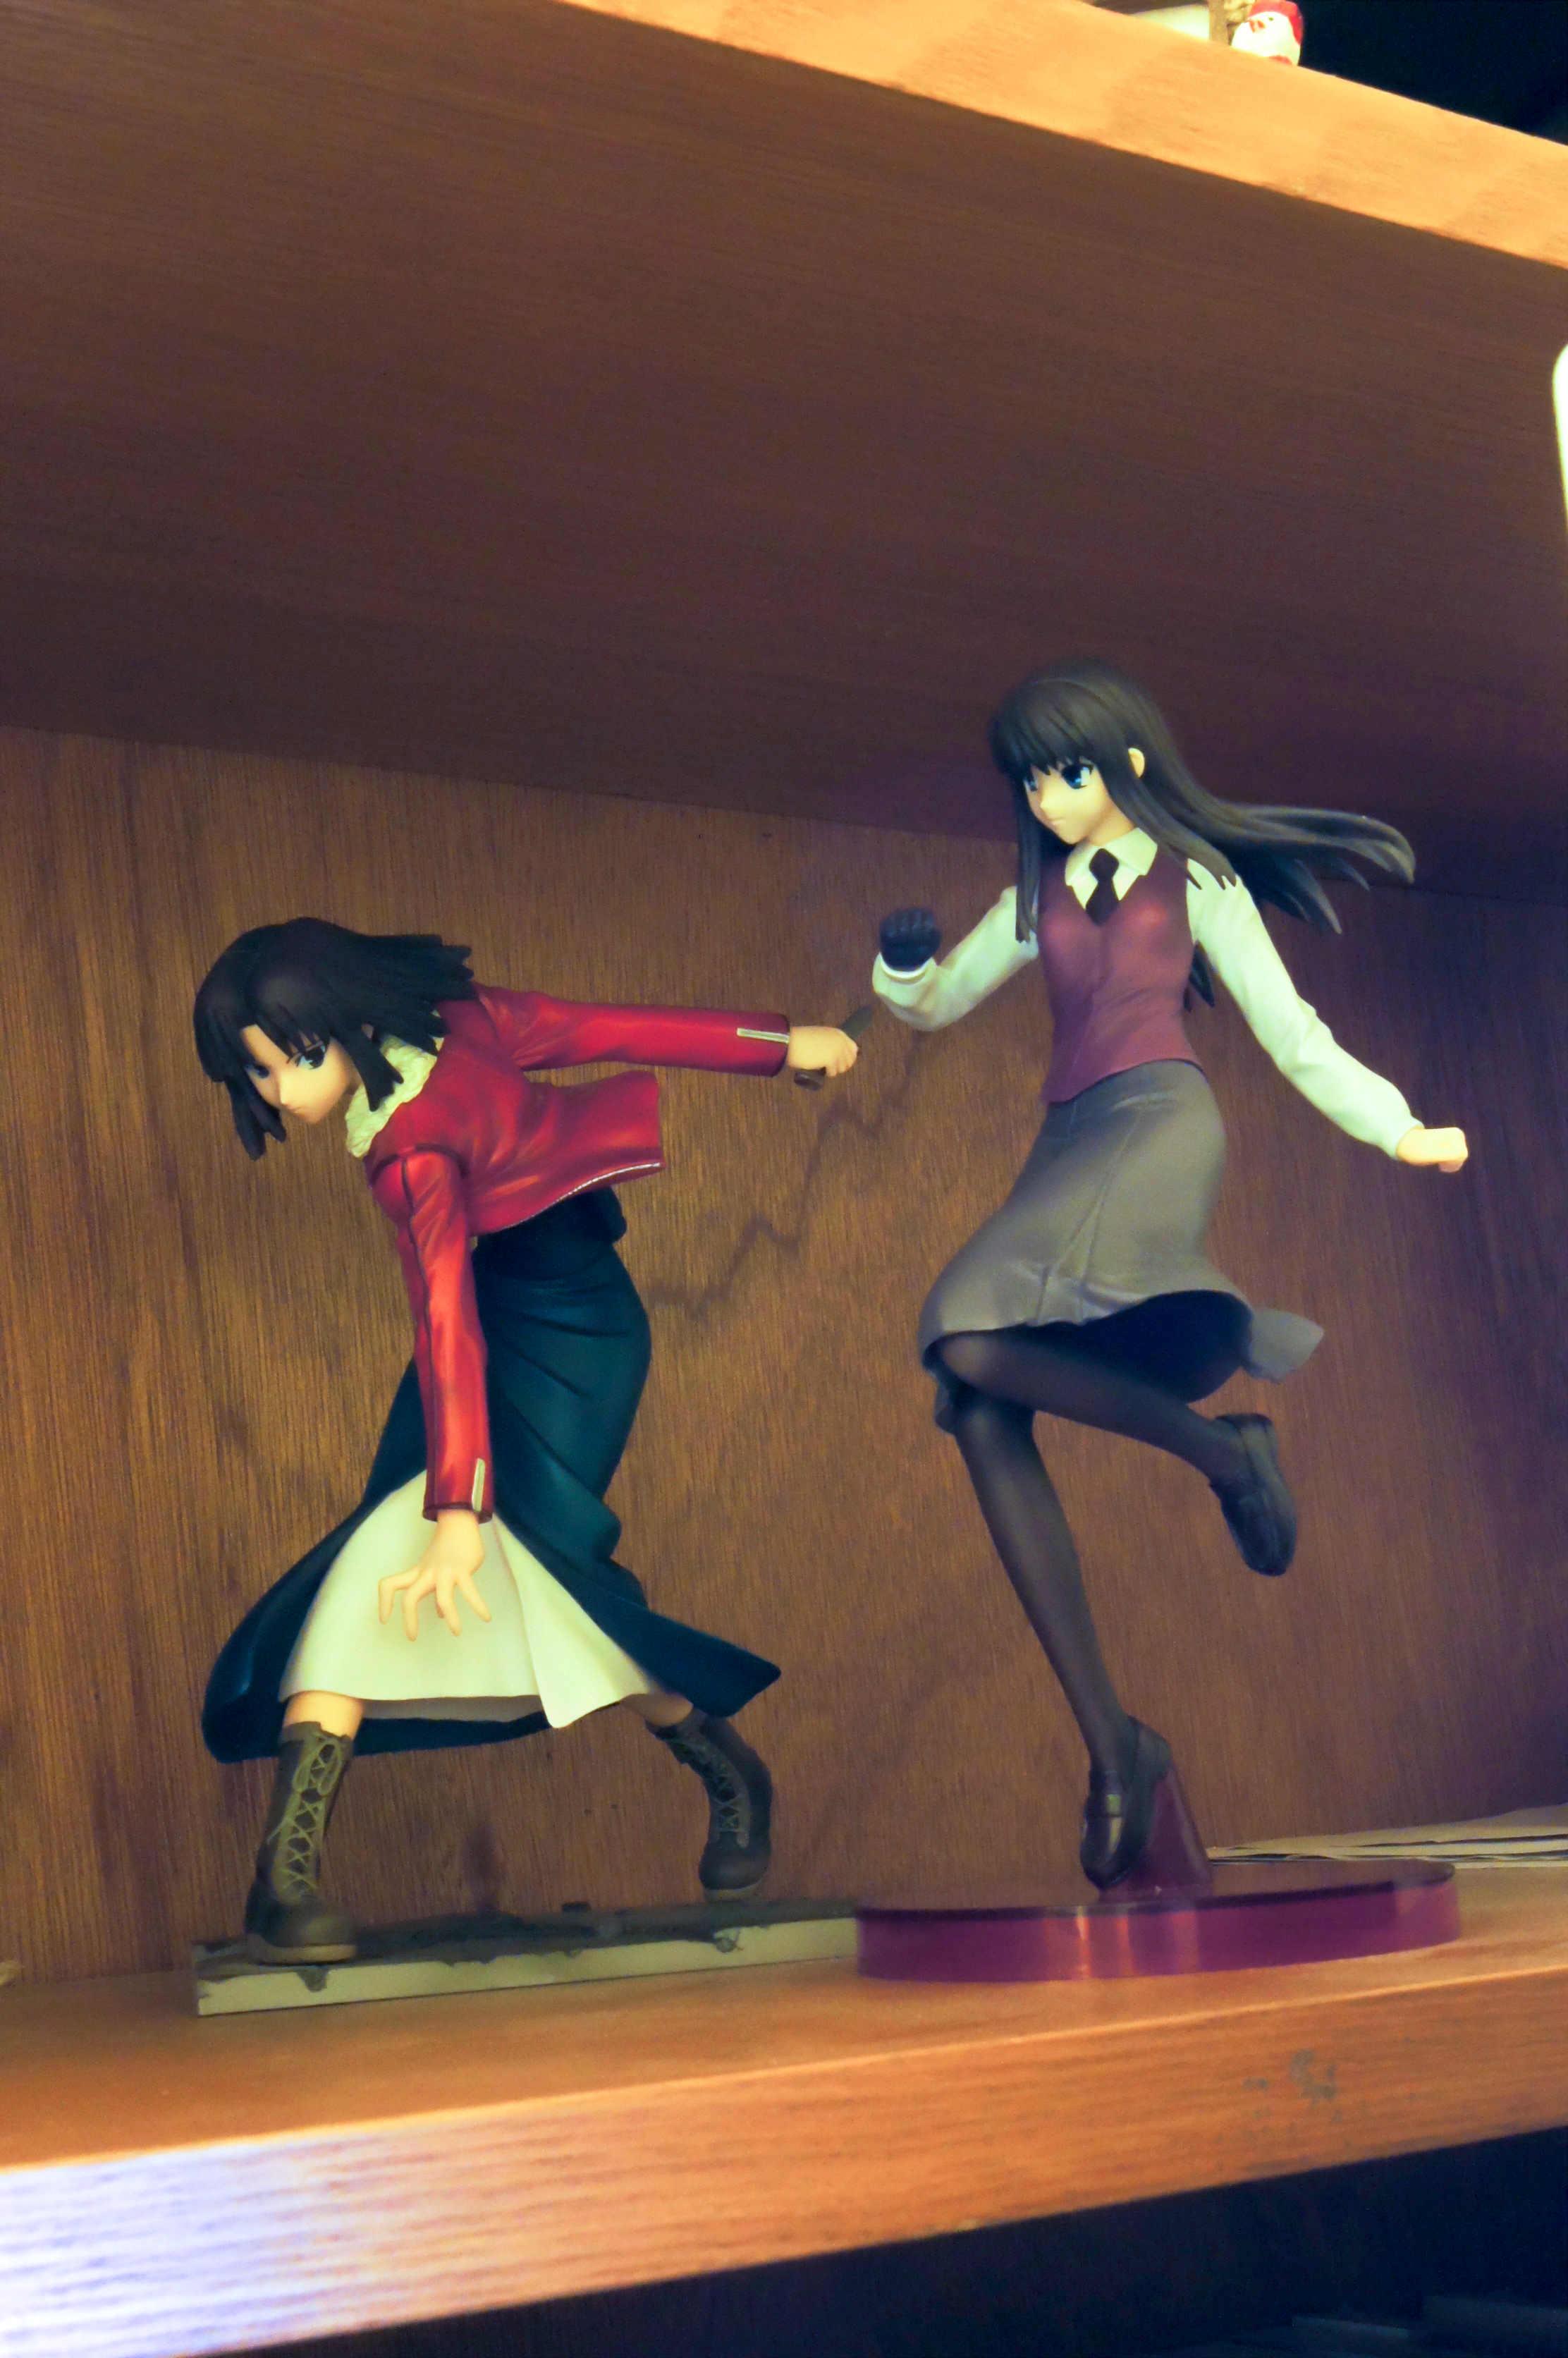 kotobukiya ryougi_shiki good_smile_company kara_no_kyoukai movic nishimura_naoki kudou_yuuji kokuto_azaka kawabata_kazuo